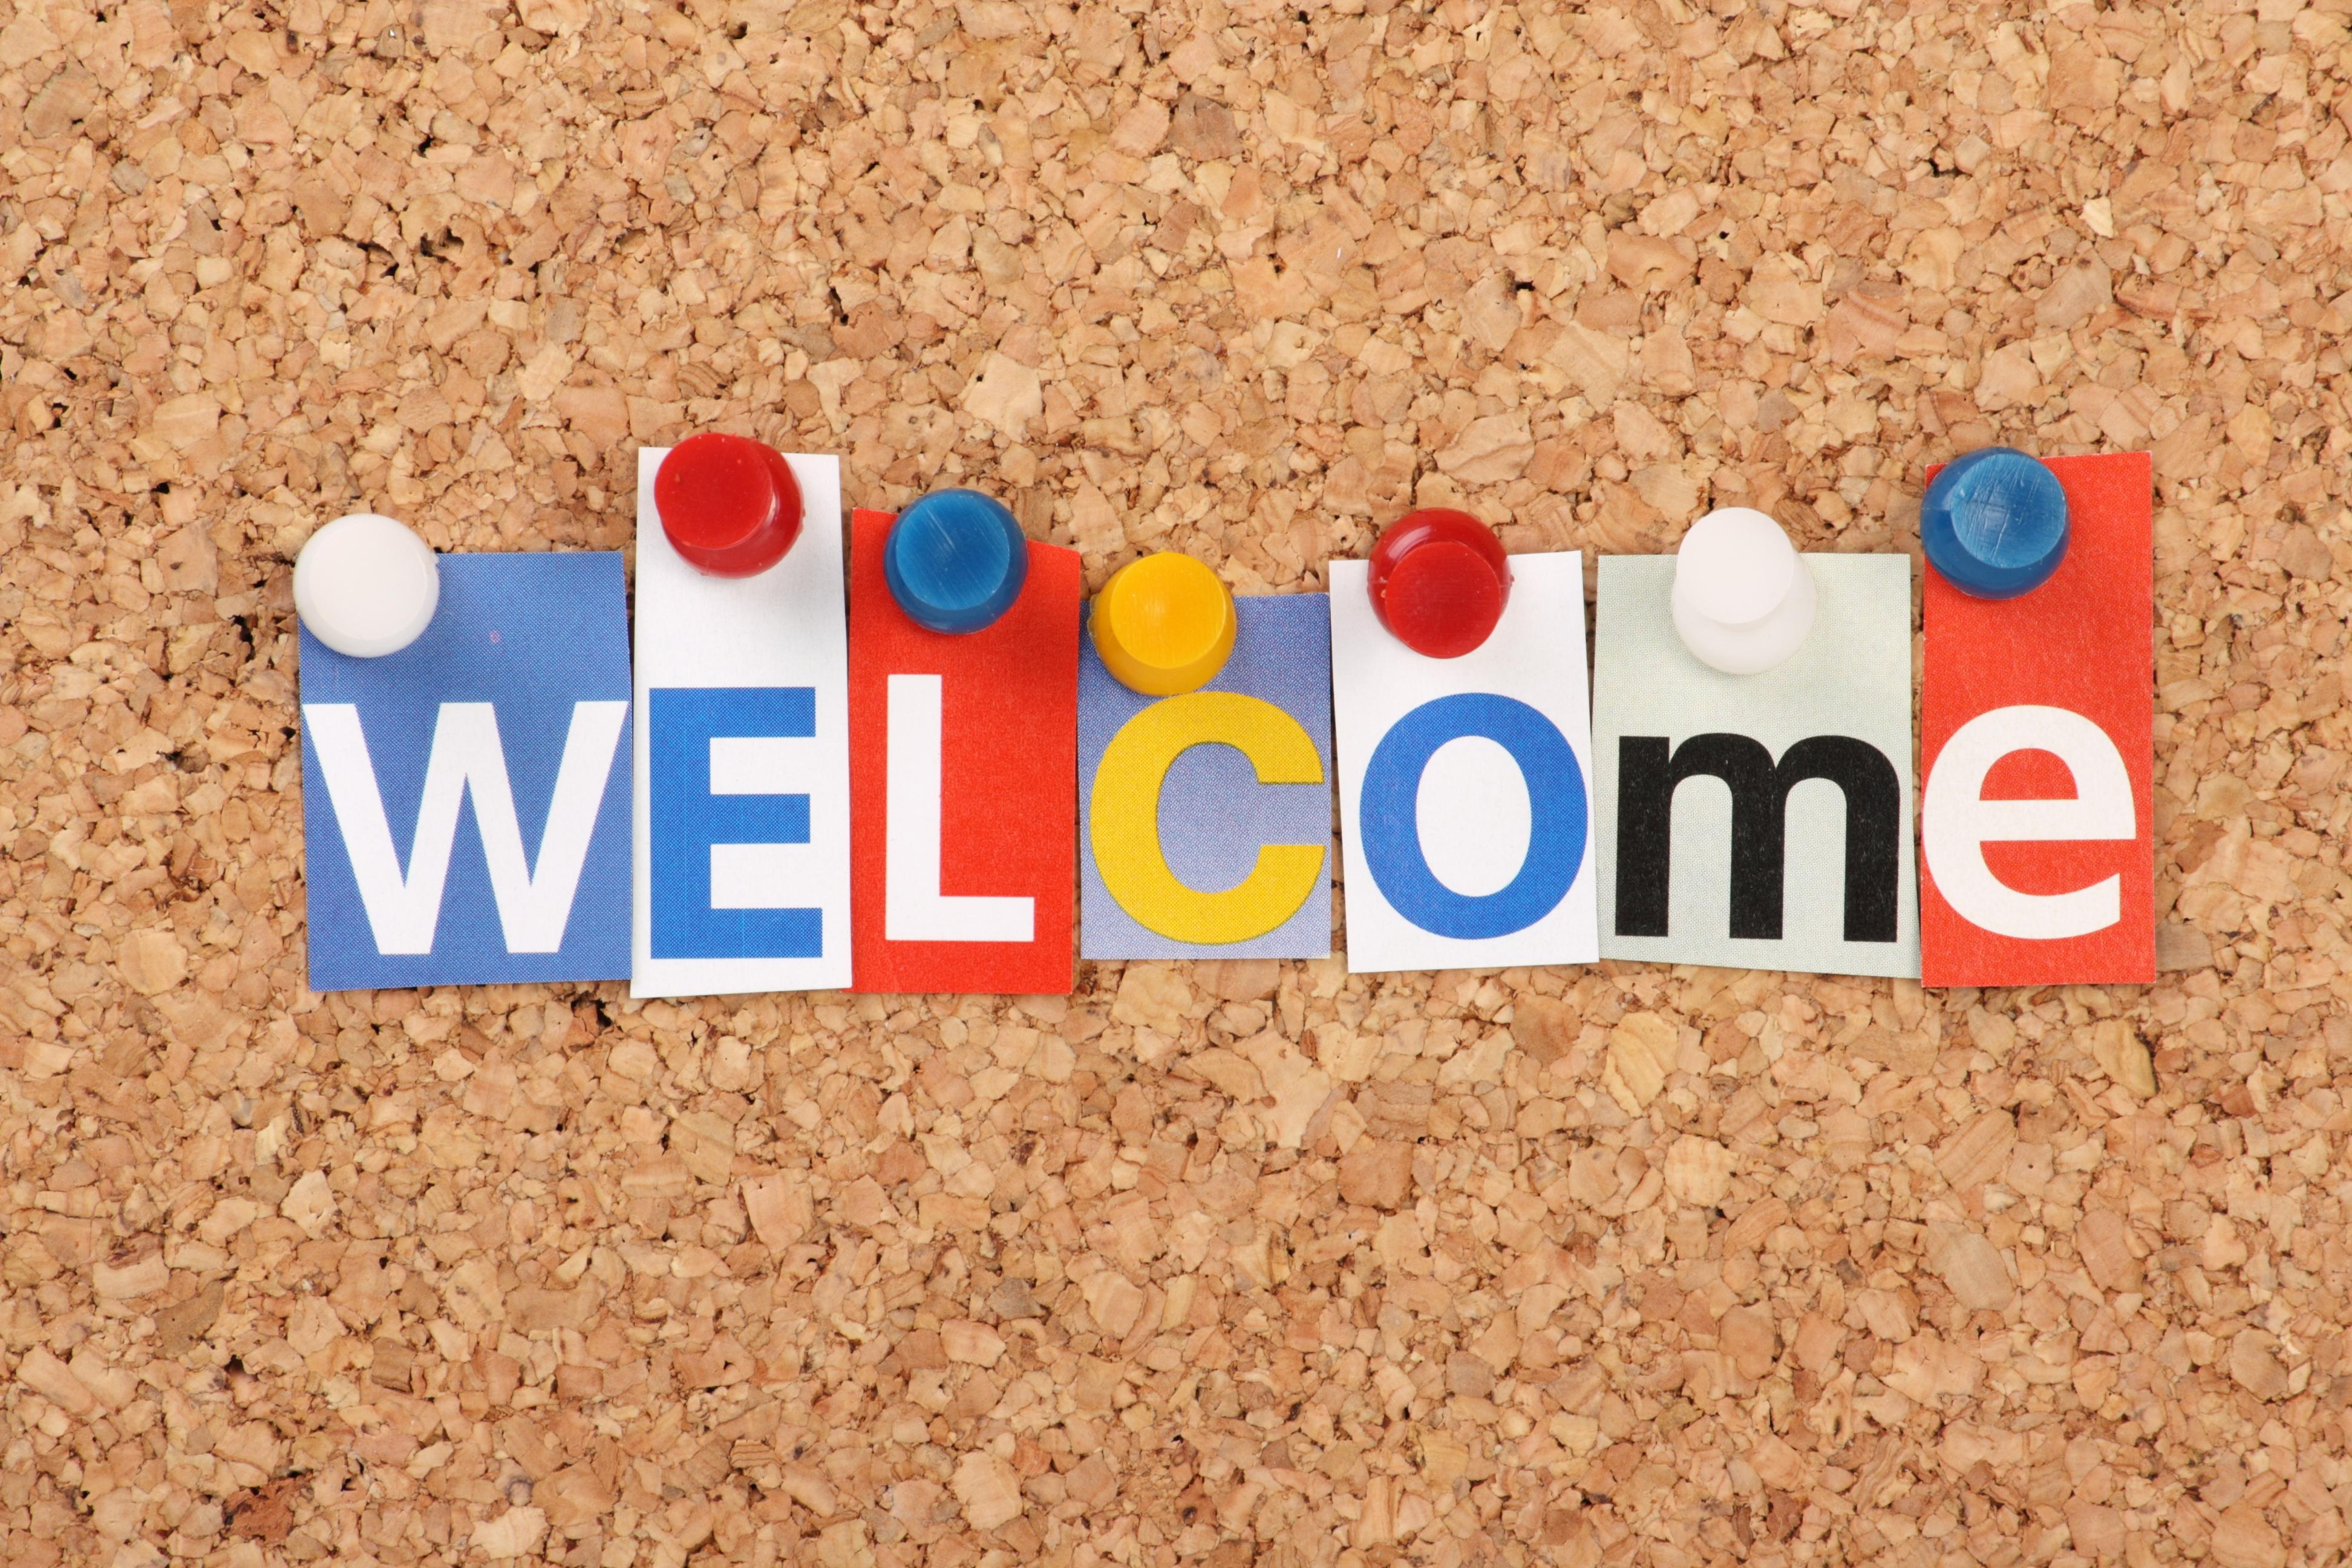 ¡Bienvenido a nuestra comunidad Albert_Missiólogo! Mhvvklxn